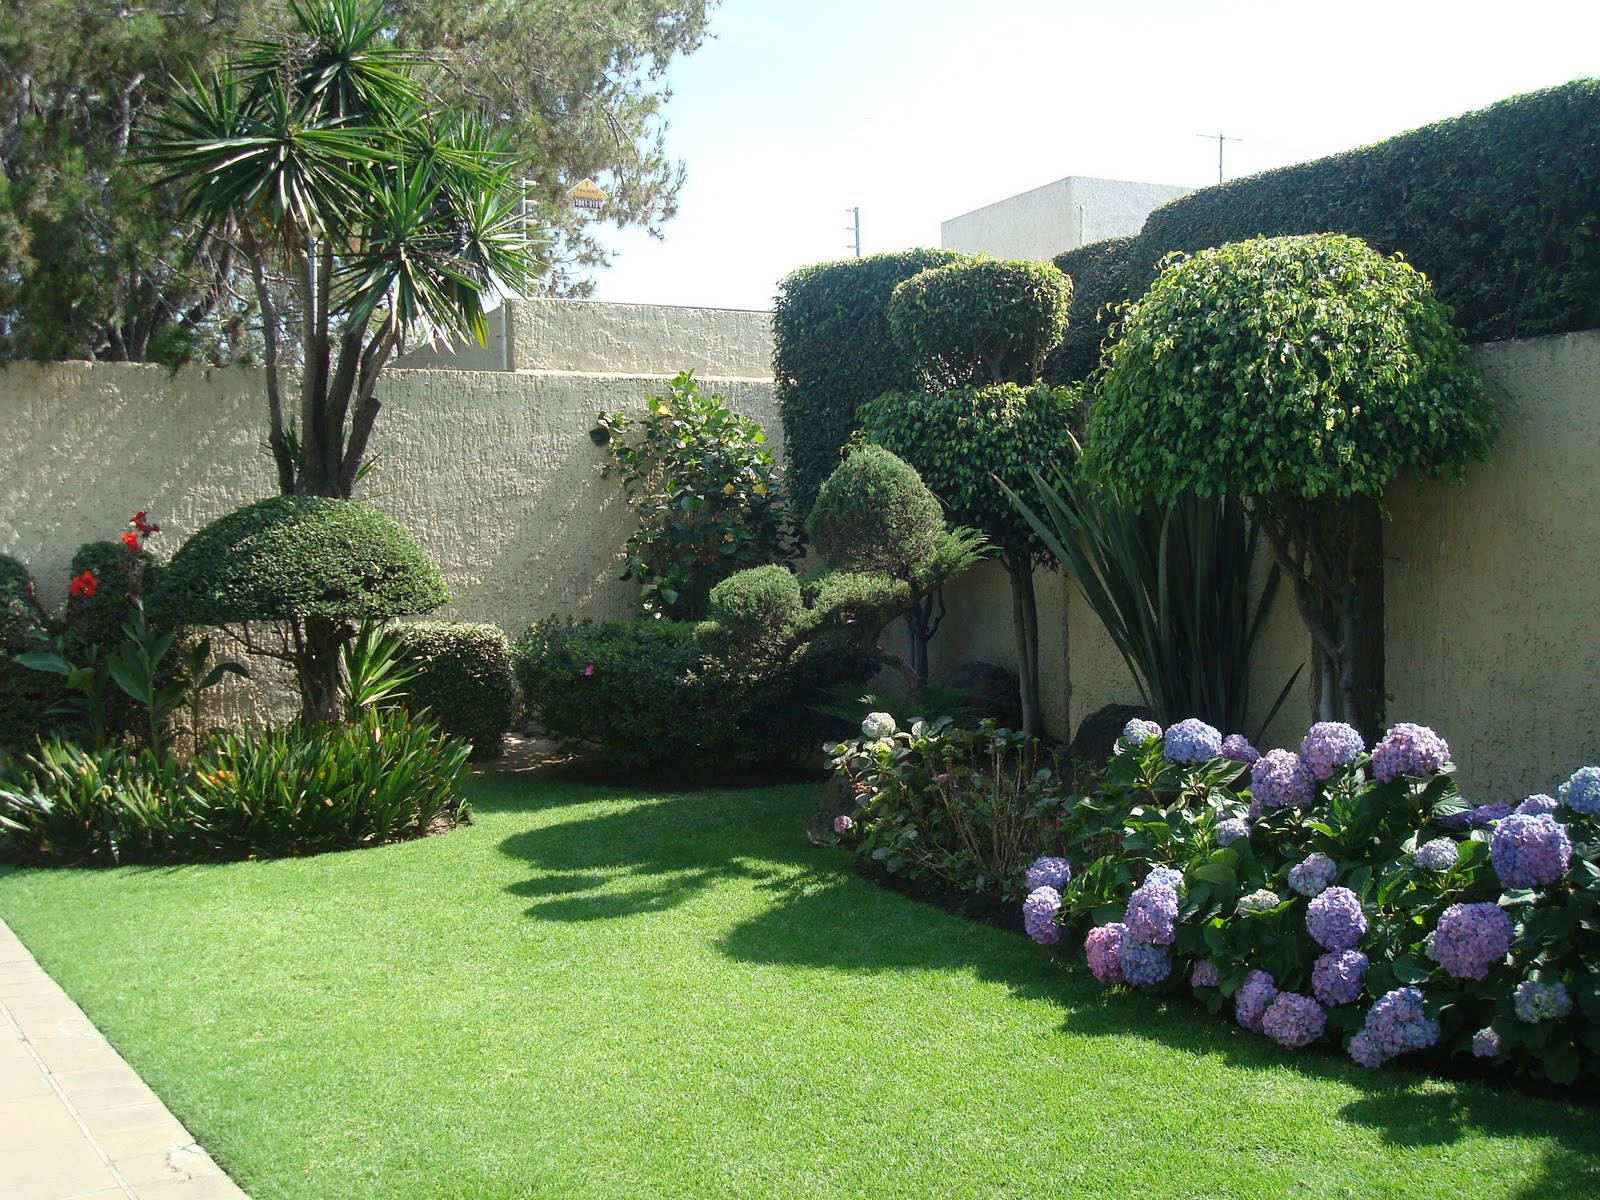 Sancarlosfortin flores de hortensias azules y jardin en - Flores para jardin ...